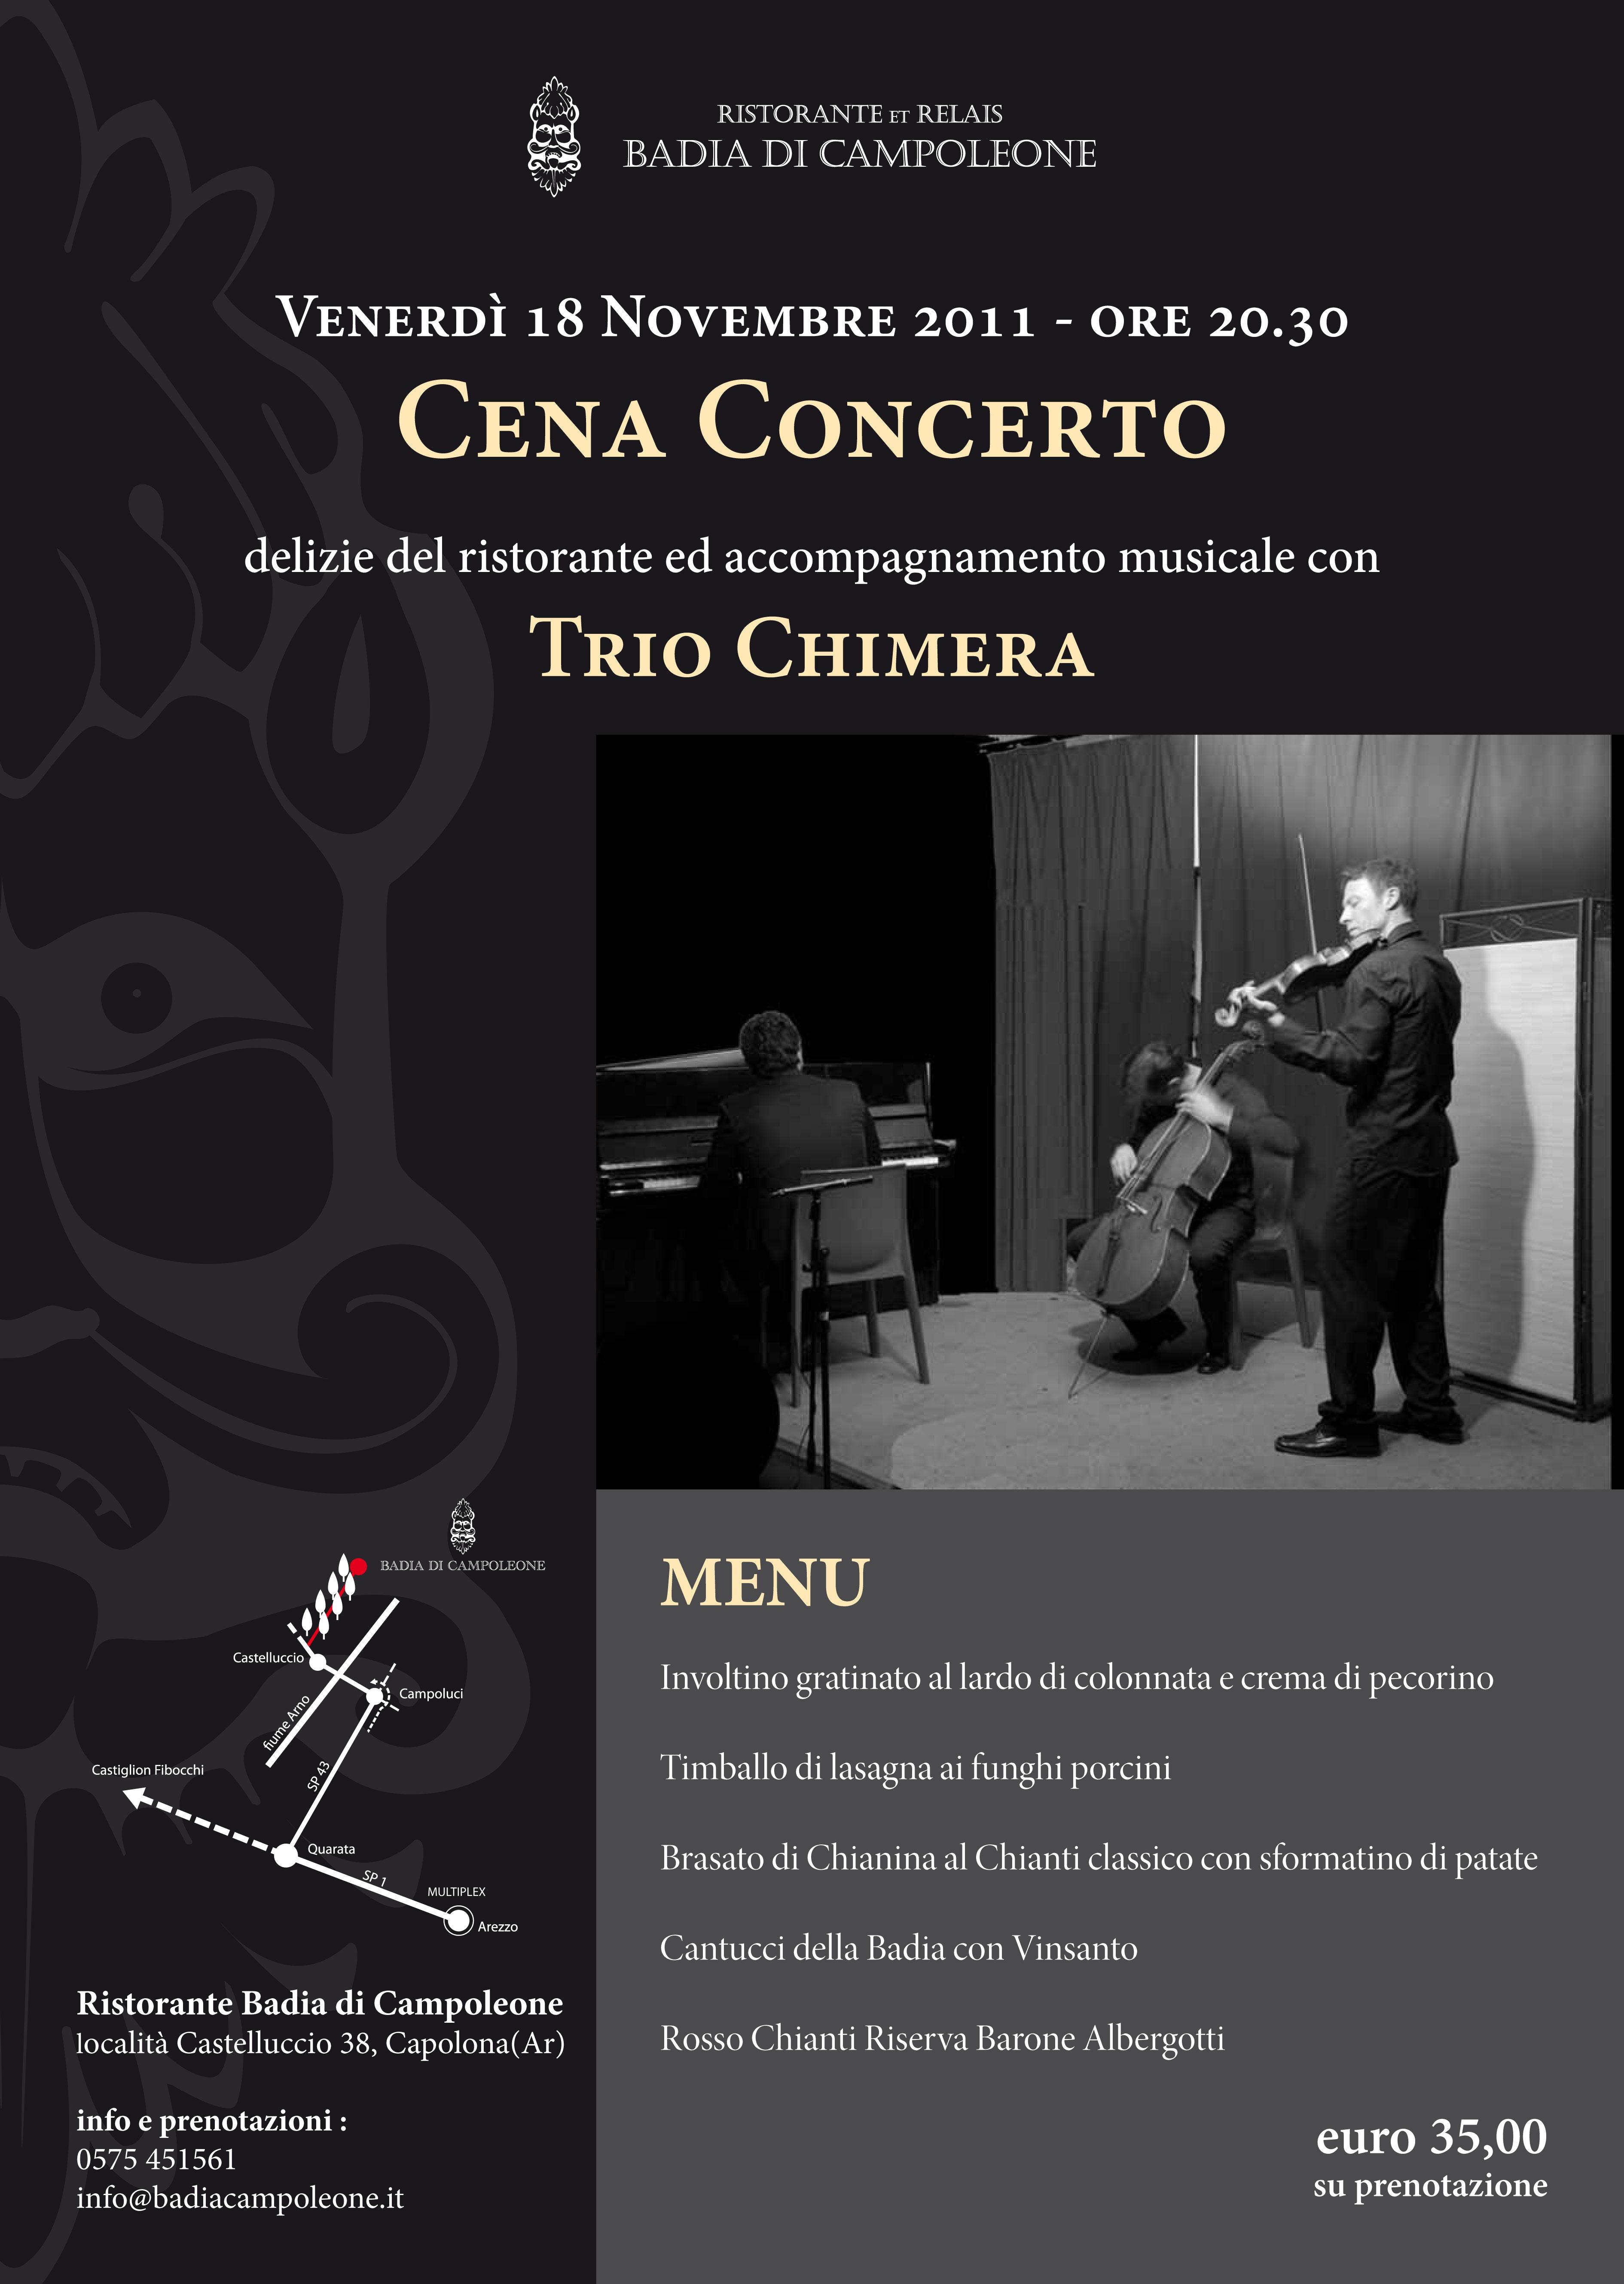 Il Ristorante Badia di Campoleone vi invita all'esclusiva Cena Concerto di Venerdì 18 Novembre 2011